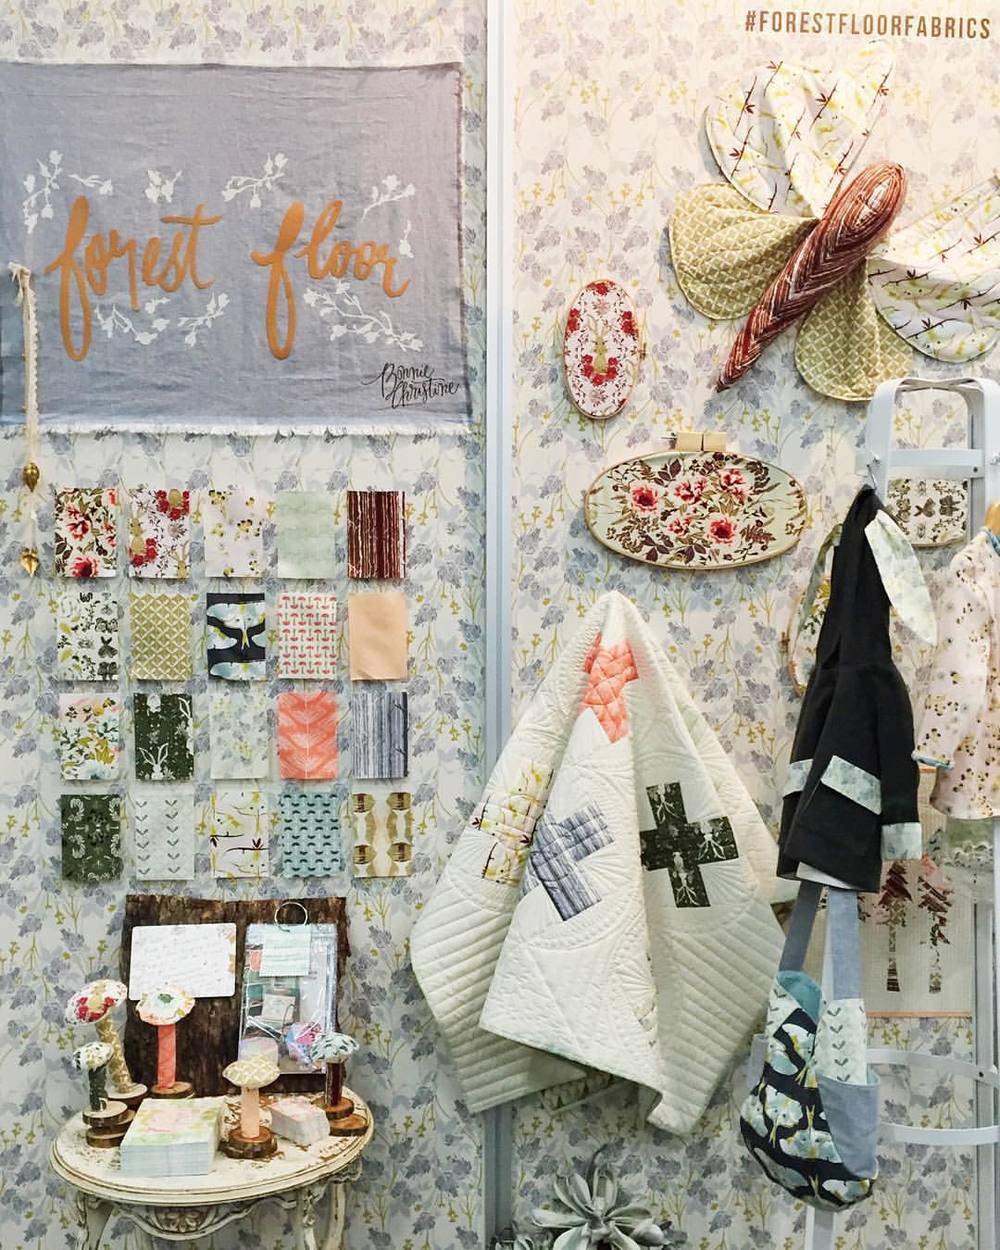 Forest Floor Fabrics at International Quilt Market